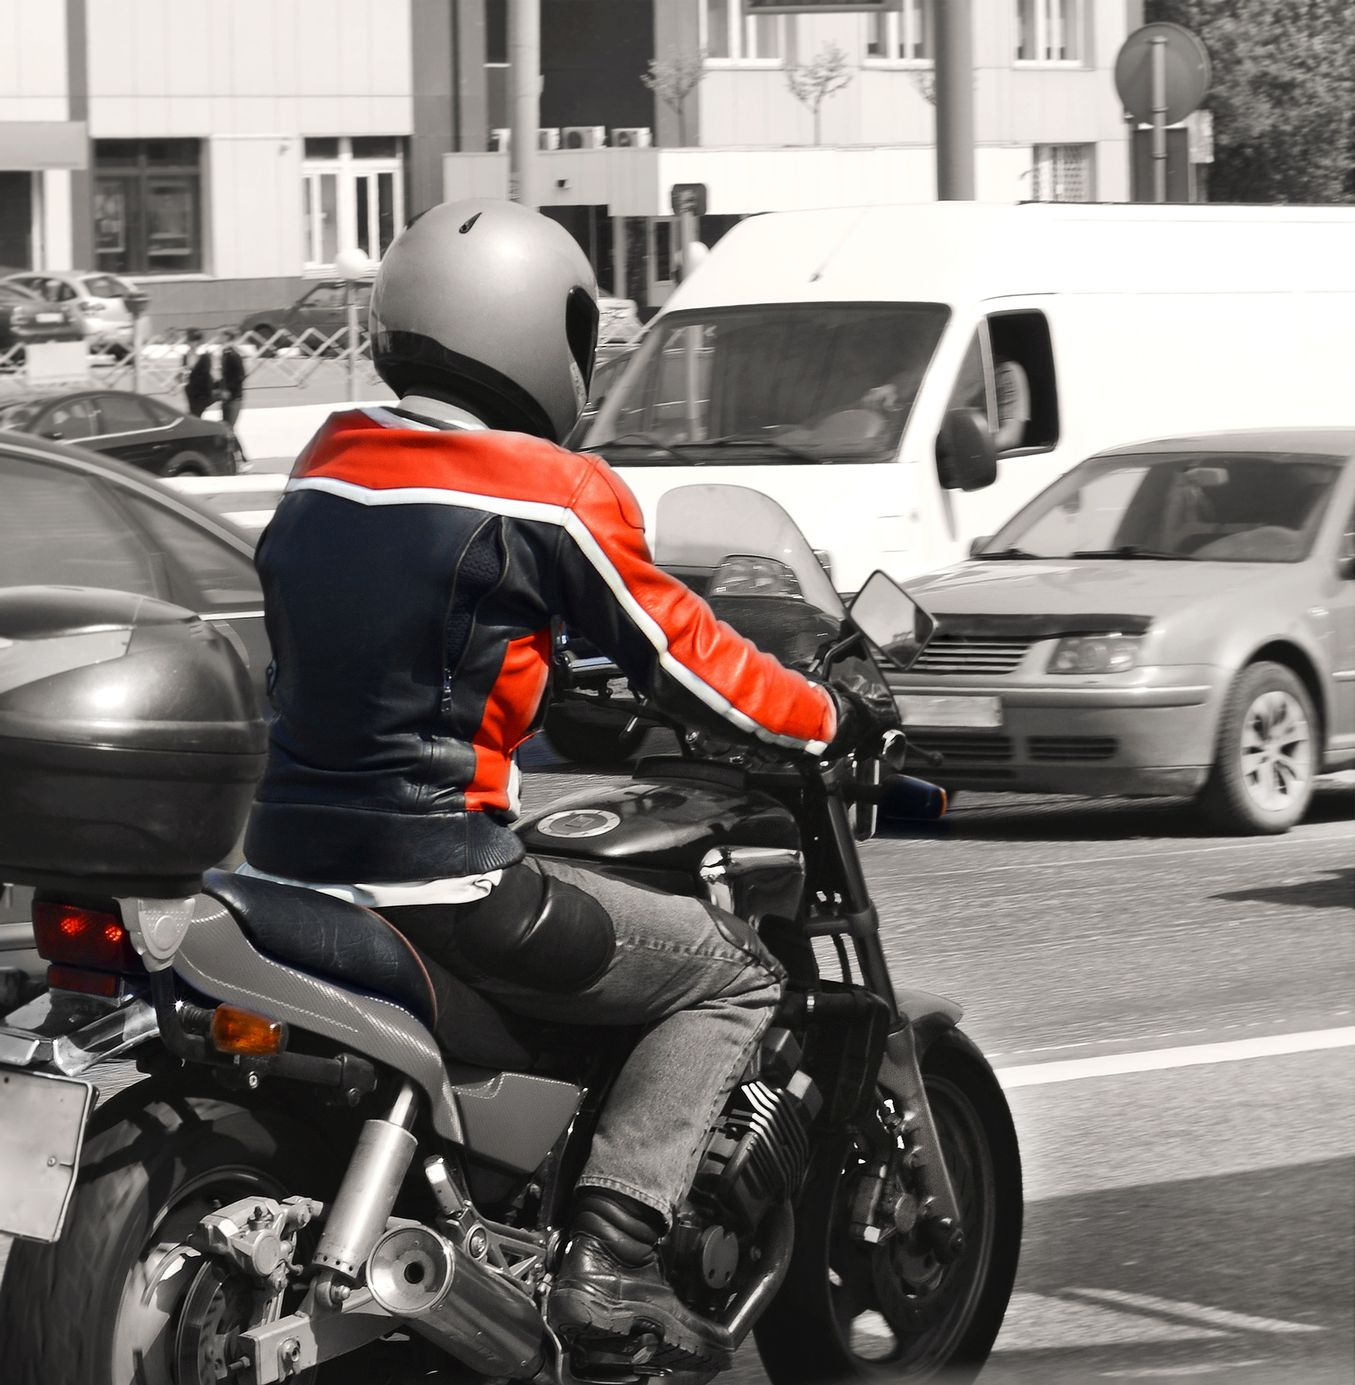 Accesorios para Moto Fenix